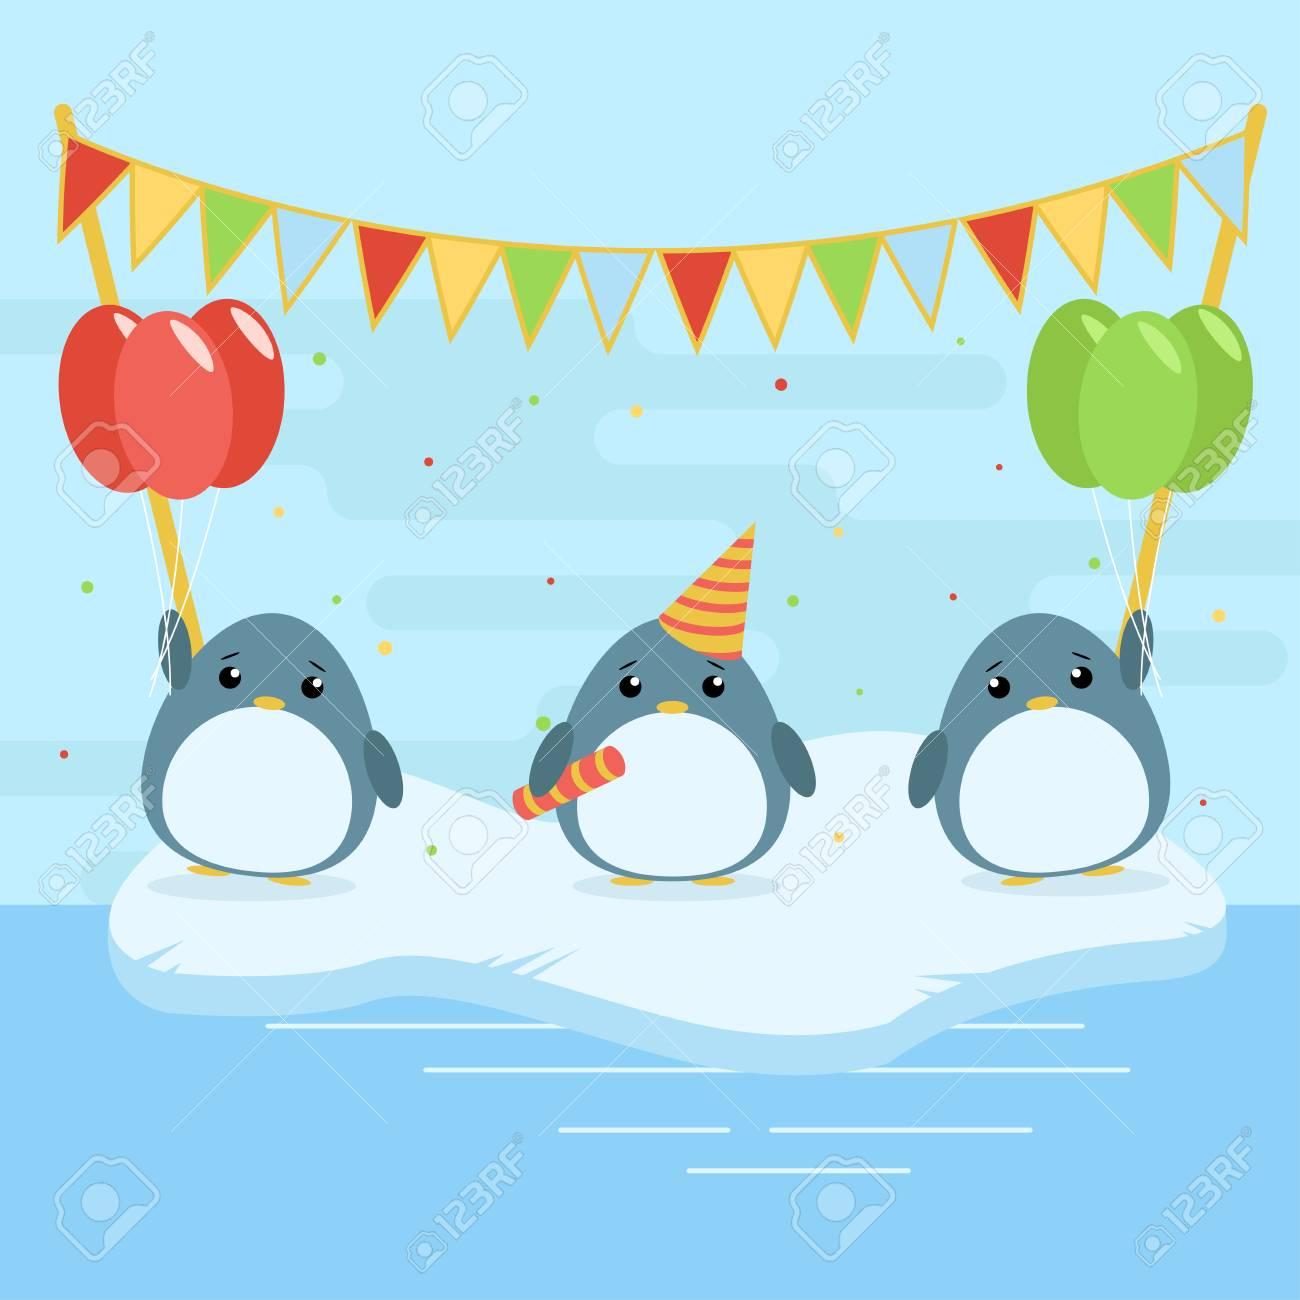 Illustration De Dessin Anime De Trois Pingouins Mignons Avec Des